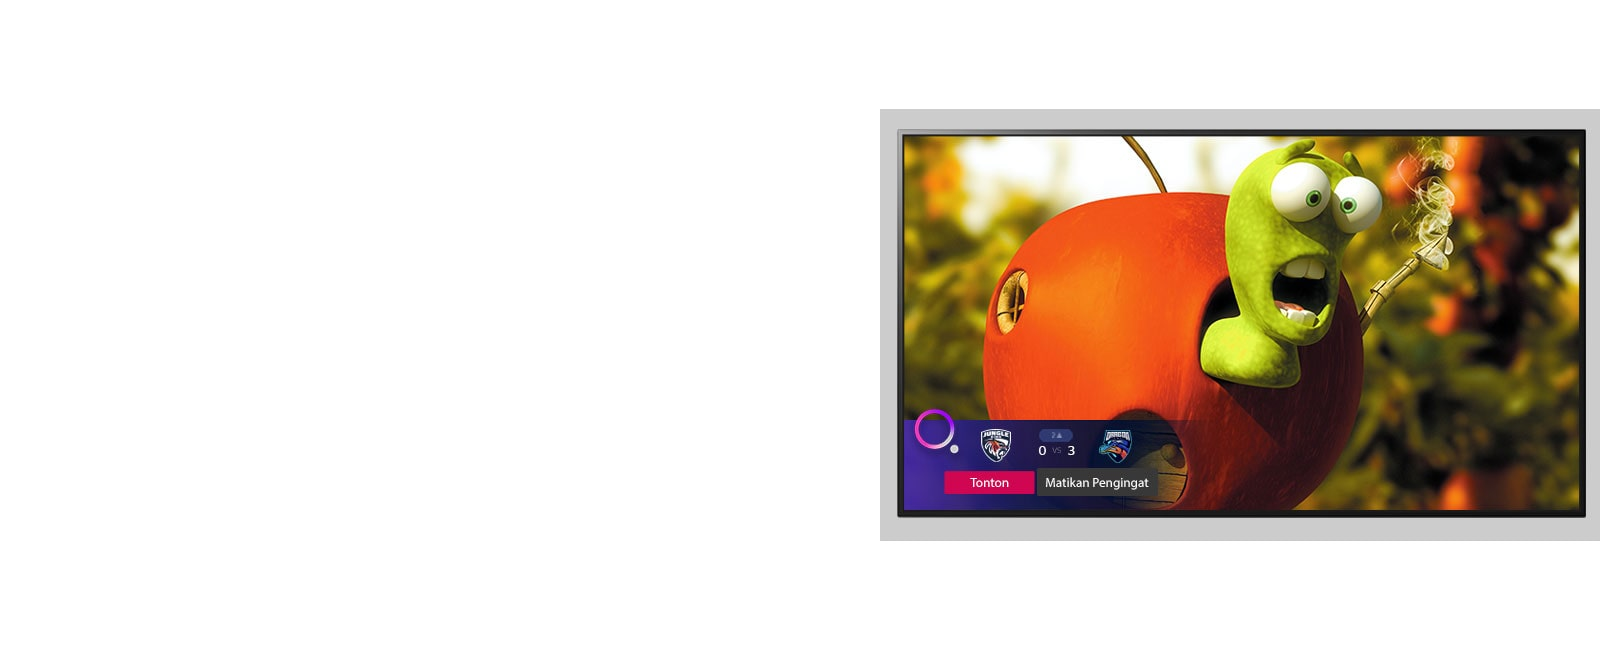 TV menampilkan karakter kartun animasi dan Sports alert di bagian bawah layar.